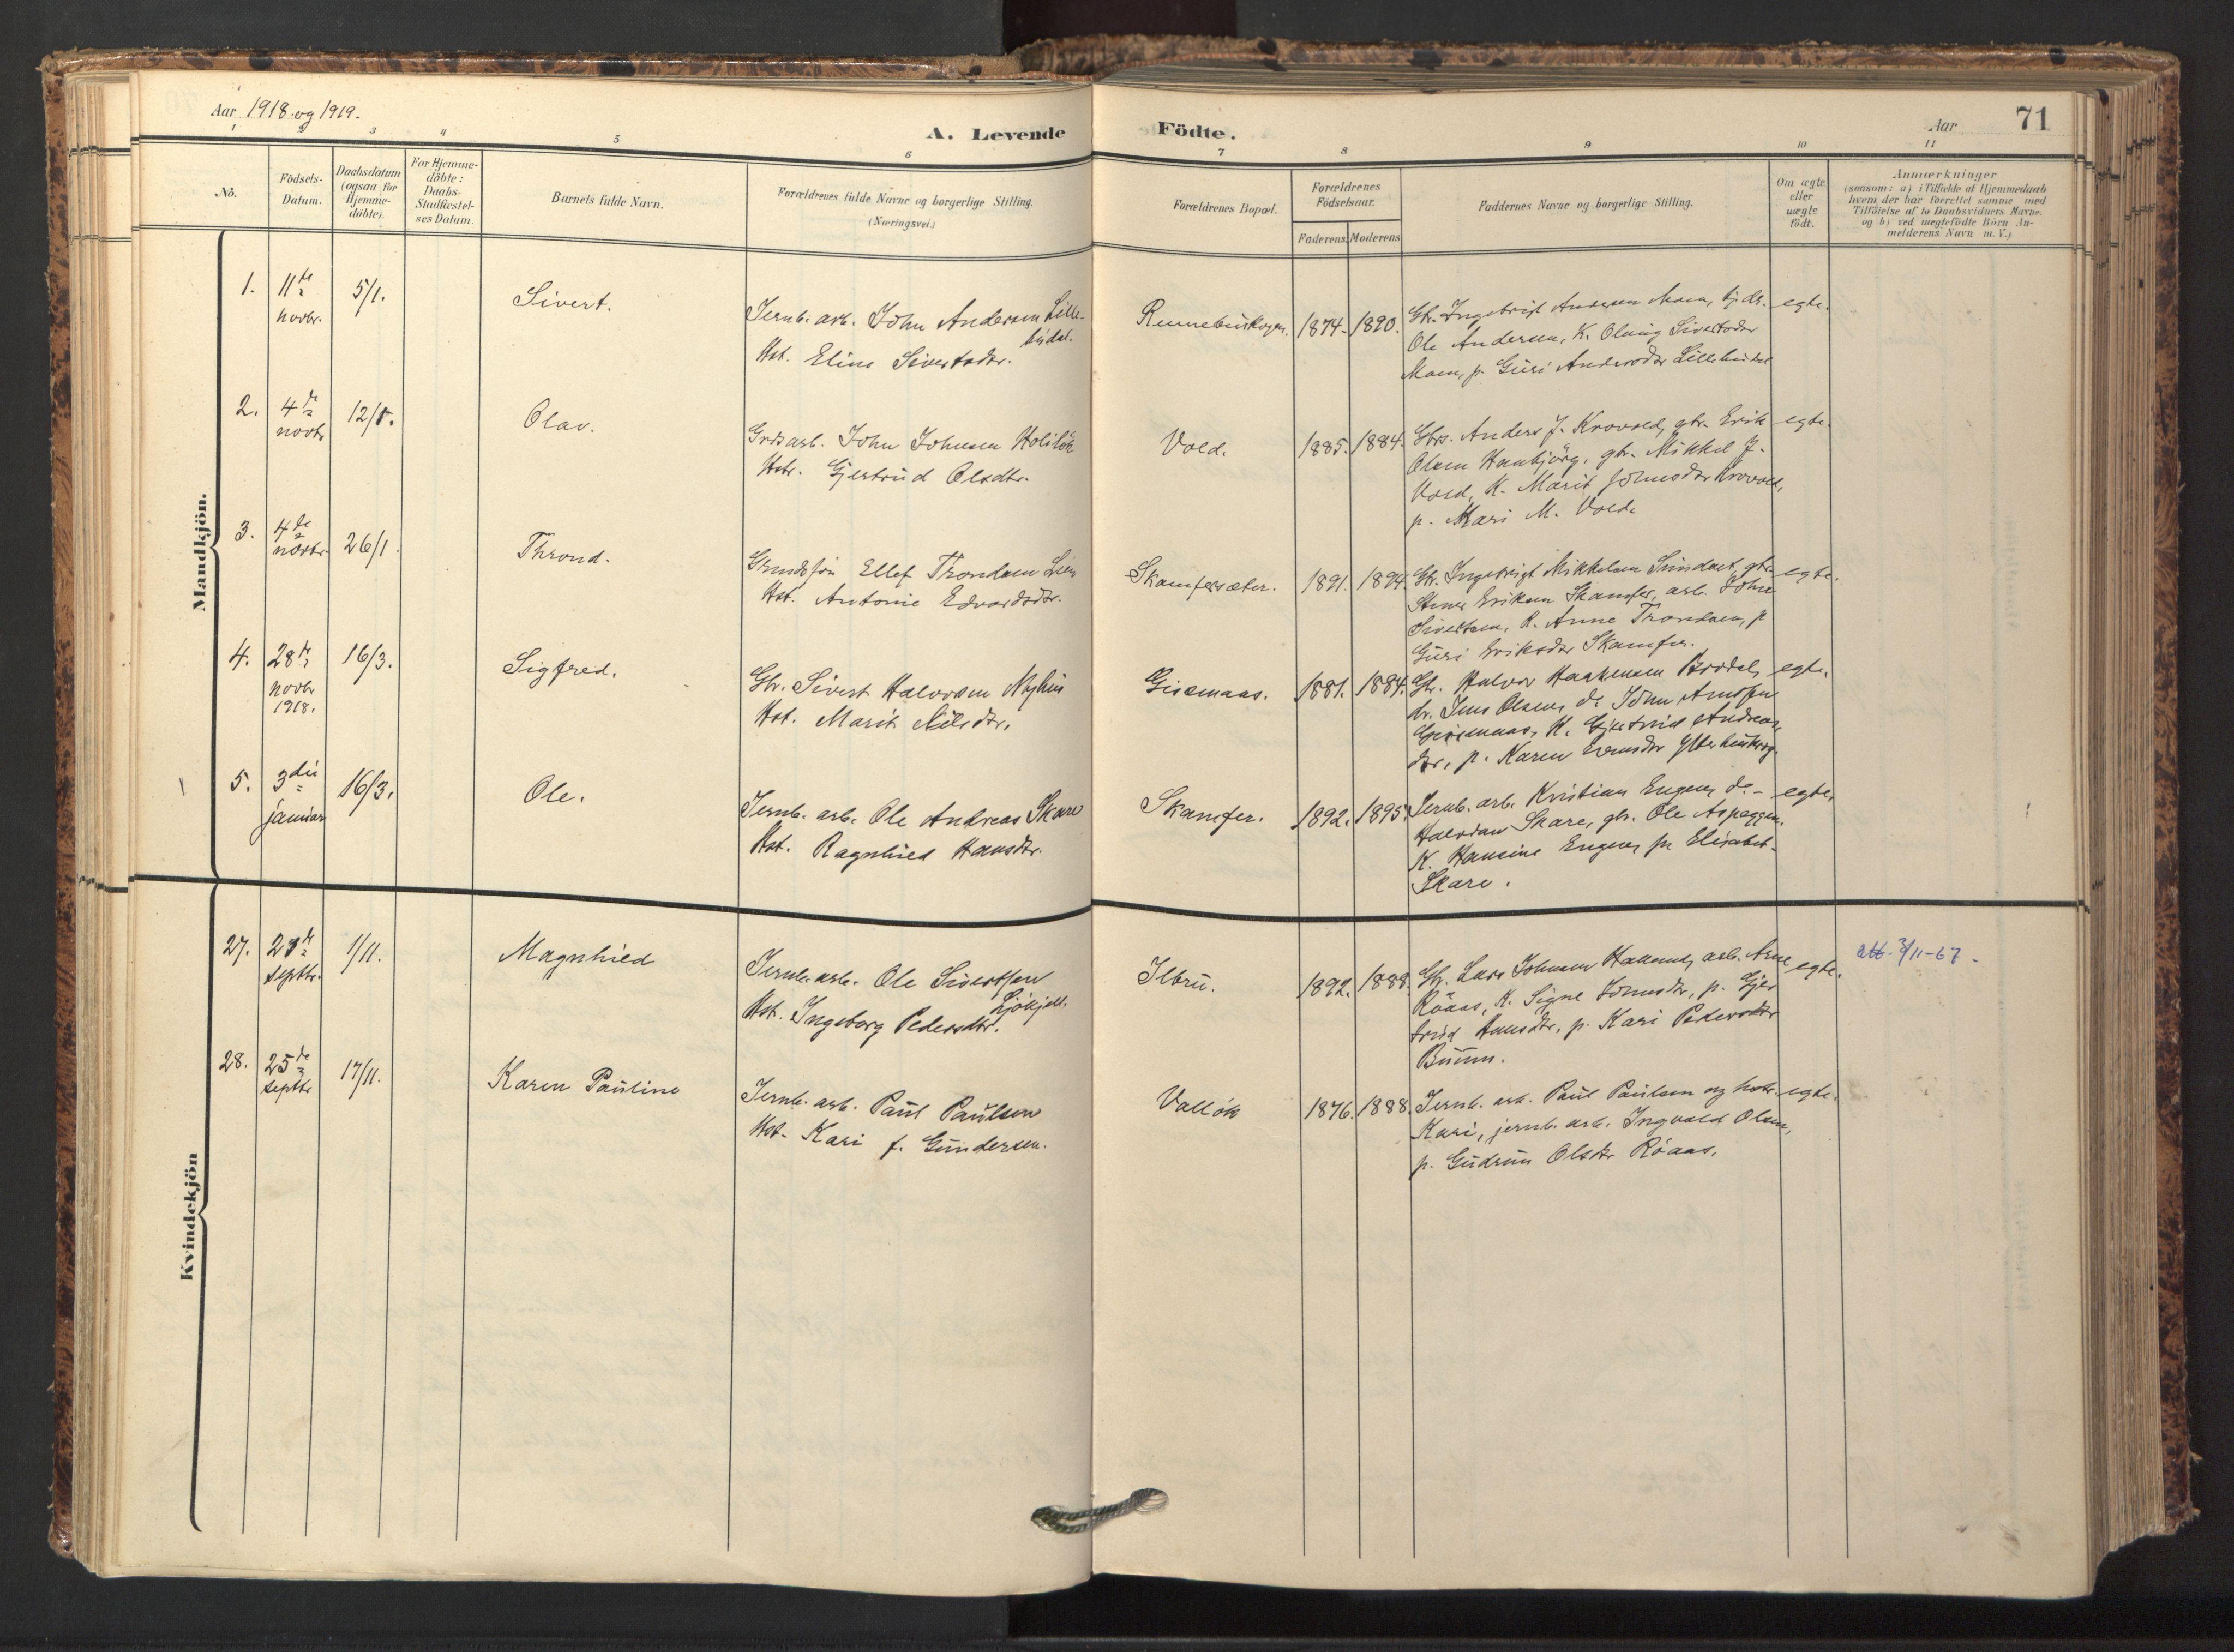 SAT, Ministerialprotokoller, klokkerbøker og fødselsregistre - Sør-Trøndelag, 674/L0873: Ministerialbok nr. 674A05, 1908-1923, s. 71